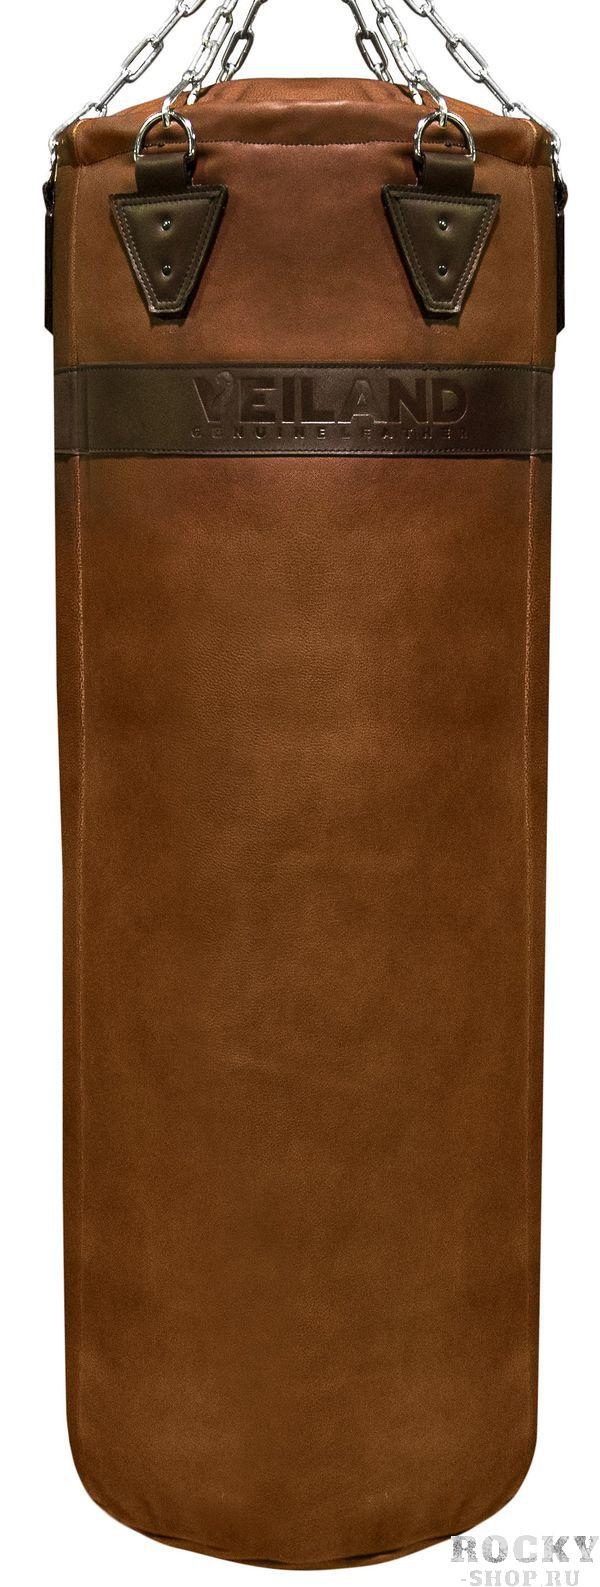 Профессиональный боксерский мешок Veiland, кожа, 120х35см, 50кг Veiland